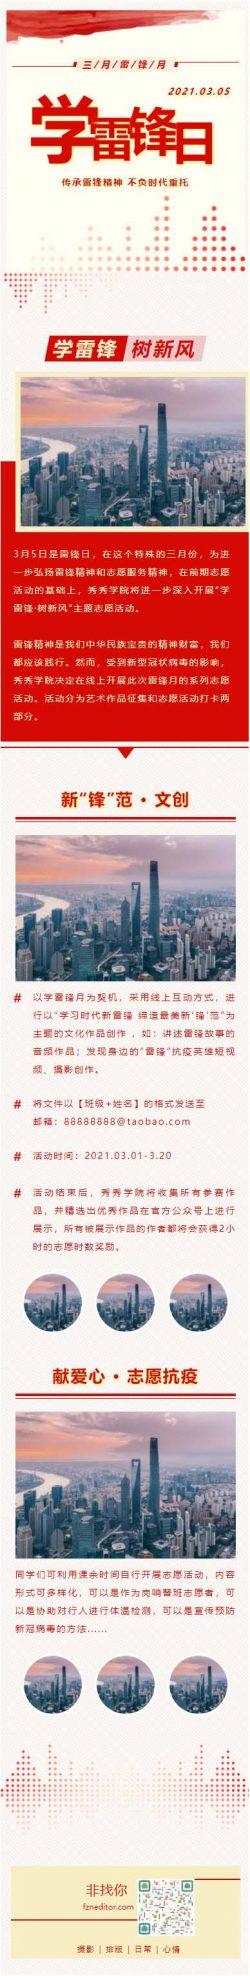 学雷锋日微信公众号推文模板推送图文素材党政